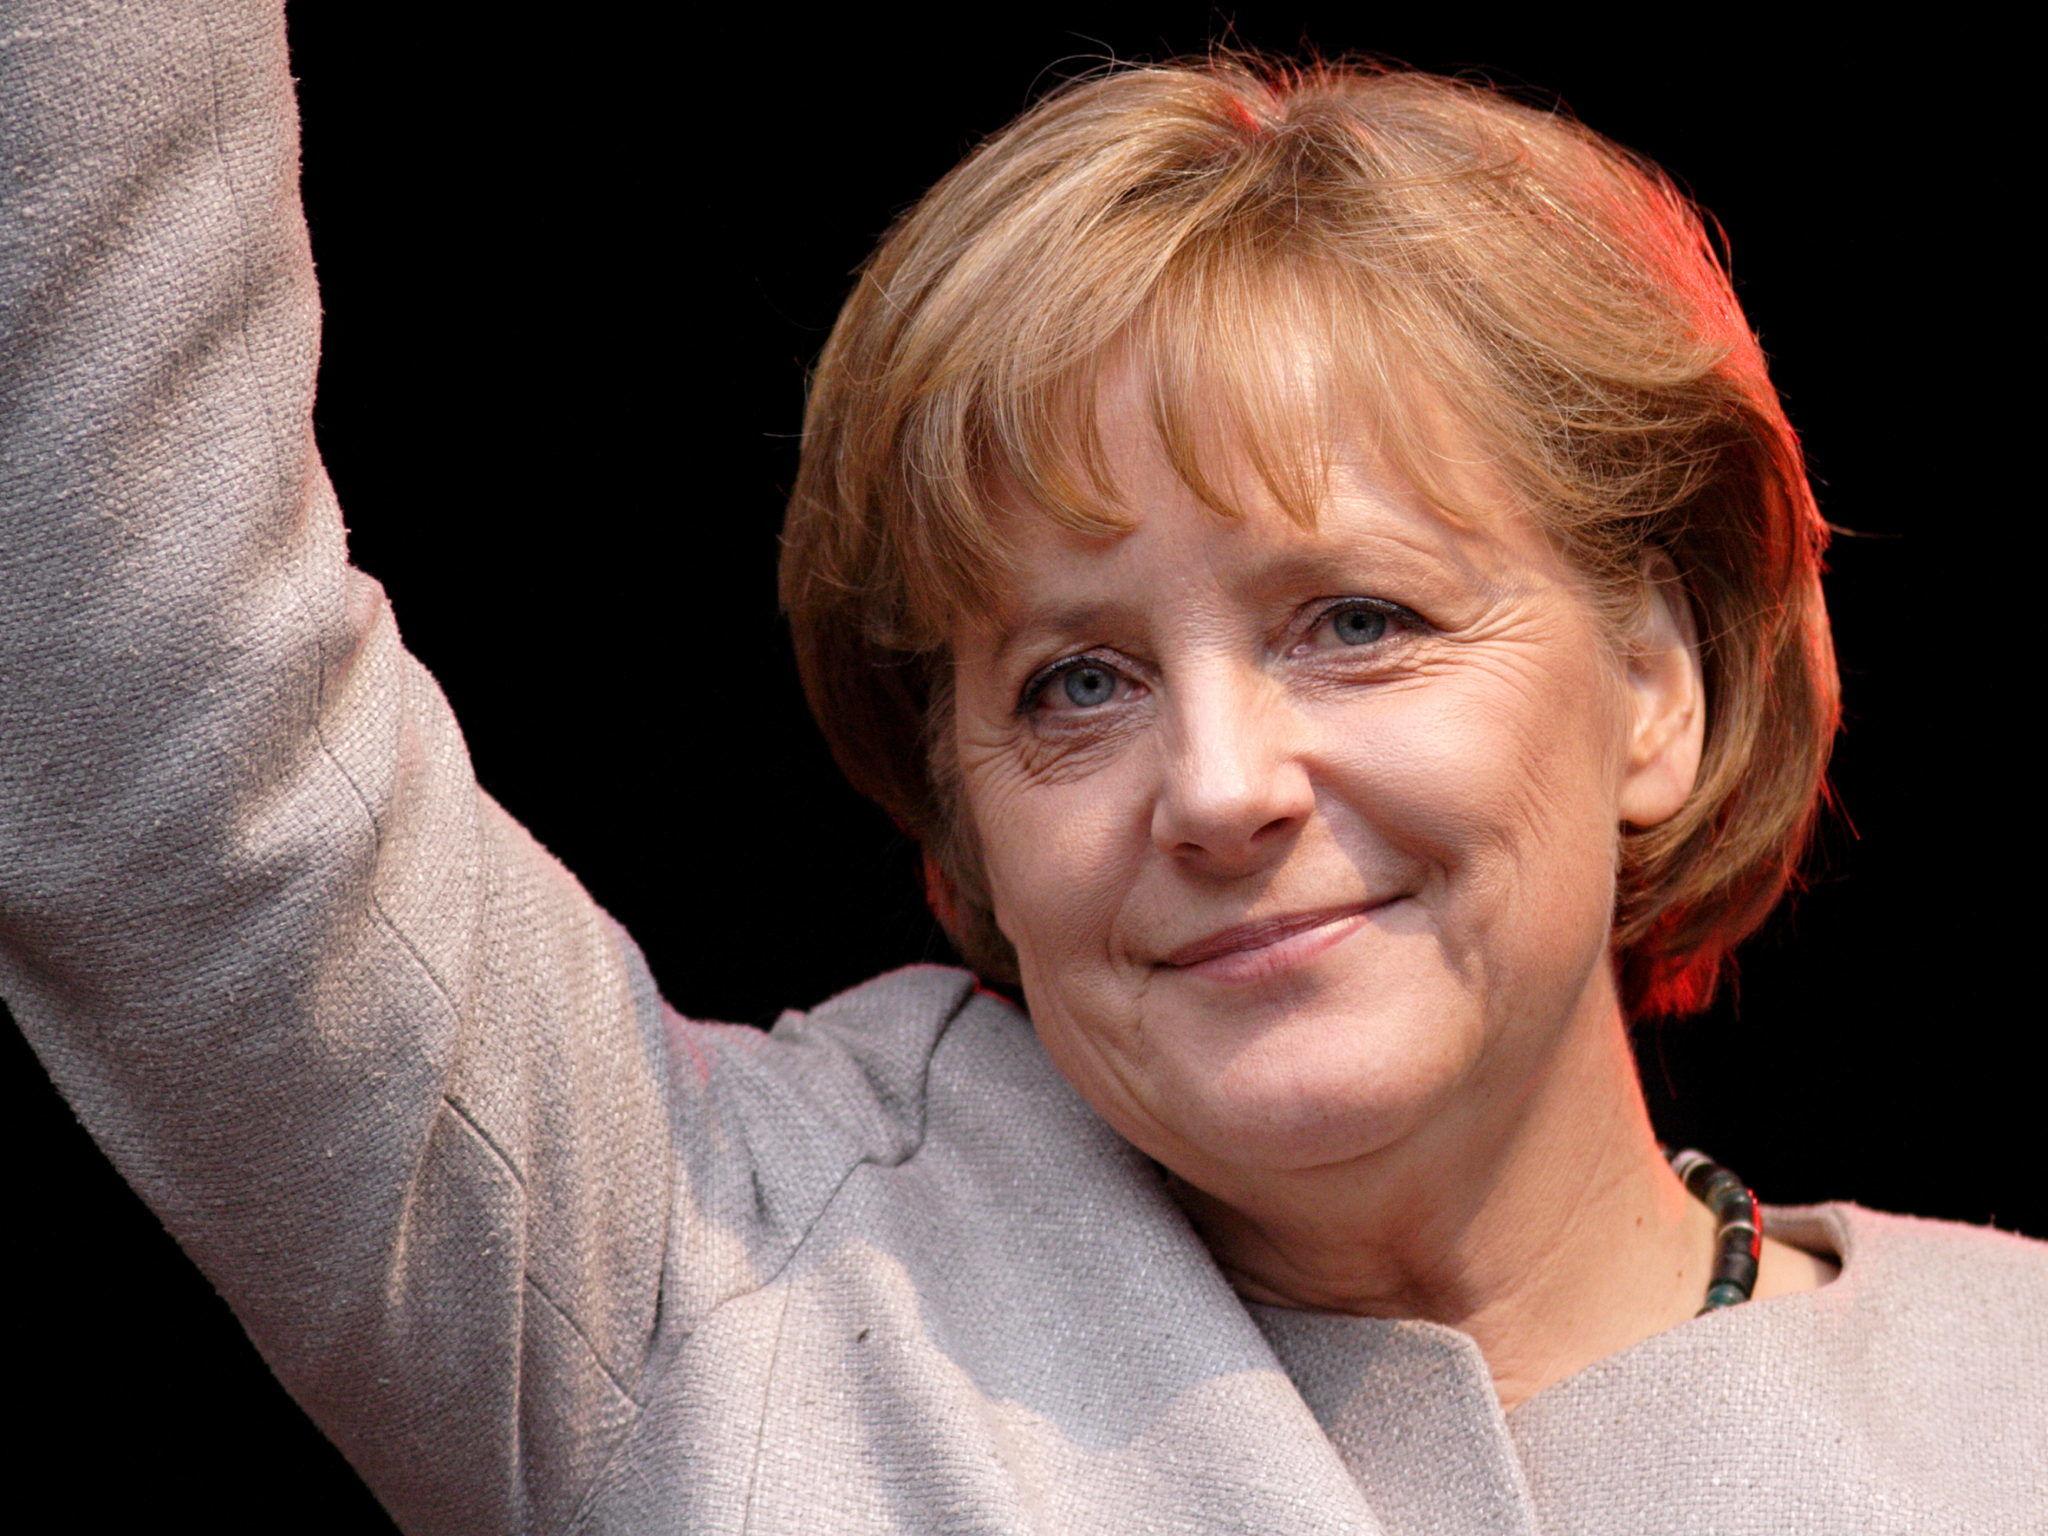 Erdoğan'dan Merkel'e kapak!  'İslamist Terör' ifadesini Asla Kabul Edemem